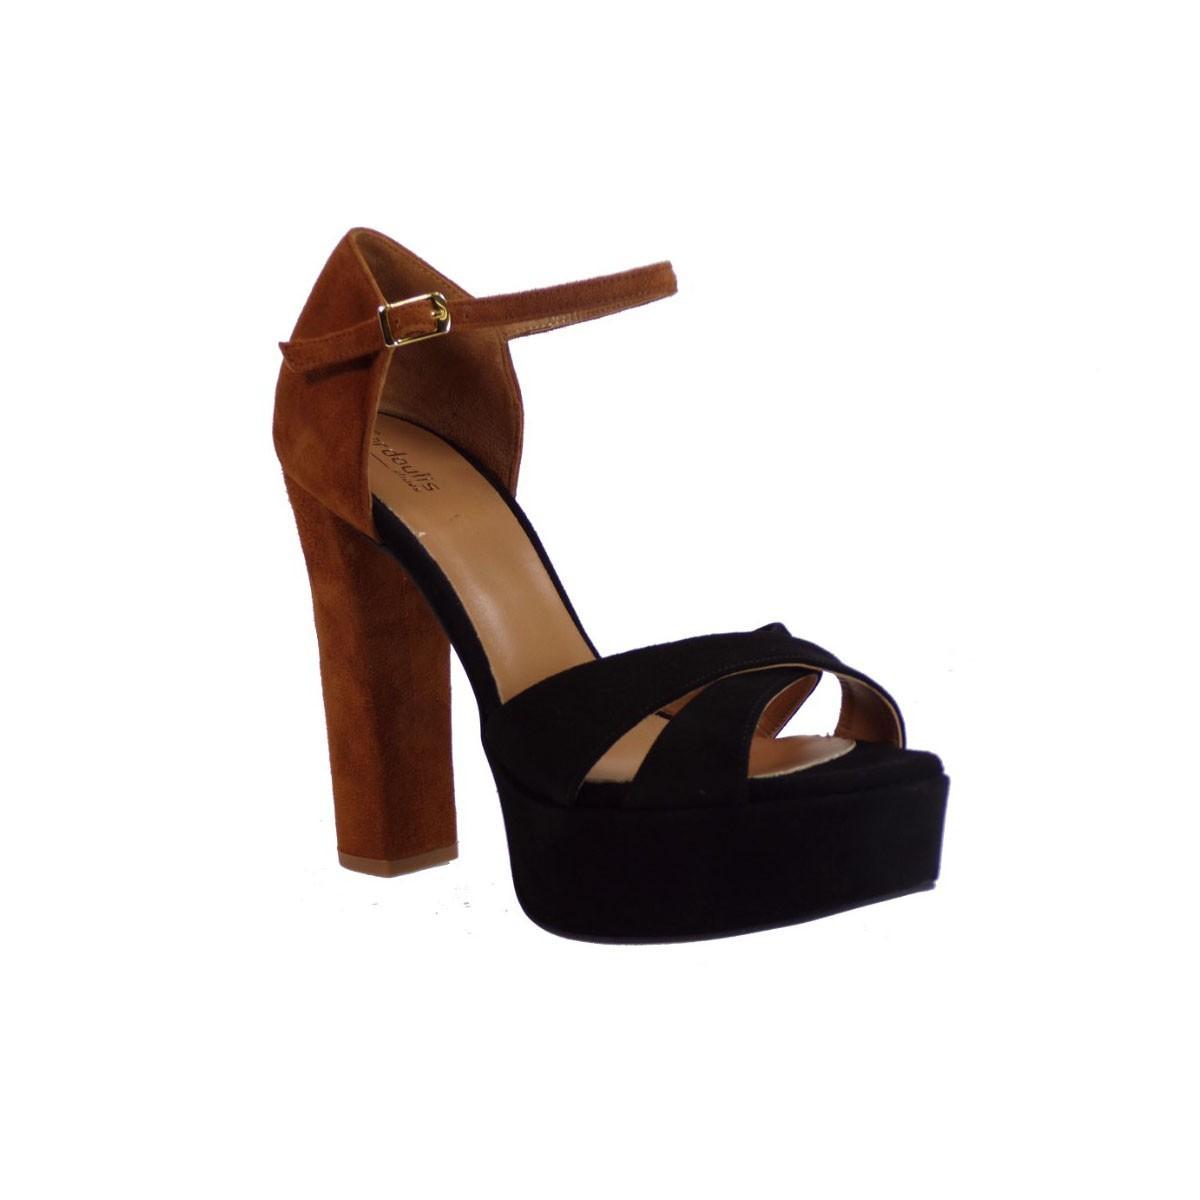 Fardoulis shoes Γυναικεία Πέδιλα 4003 Μαύρο-Ταμπά Fardoulis shoes 4003 Μαύρο-Ταμπά